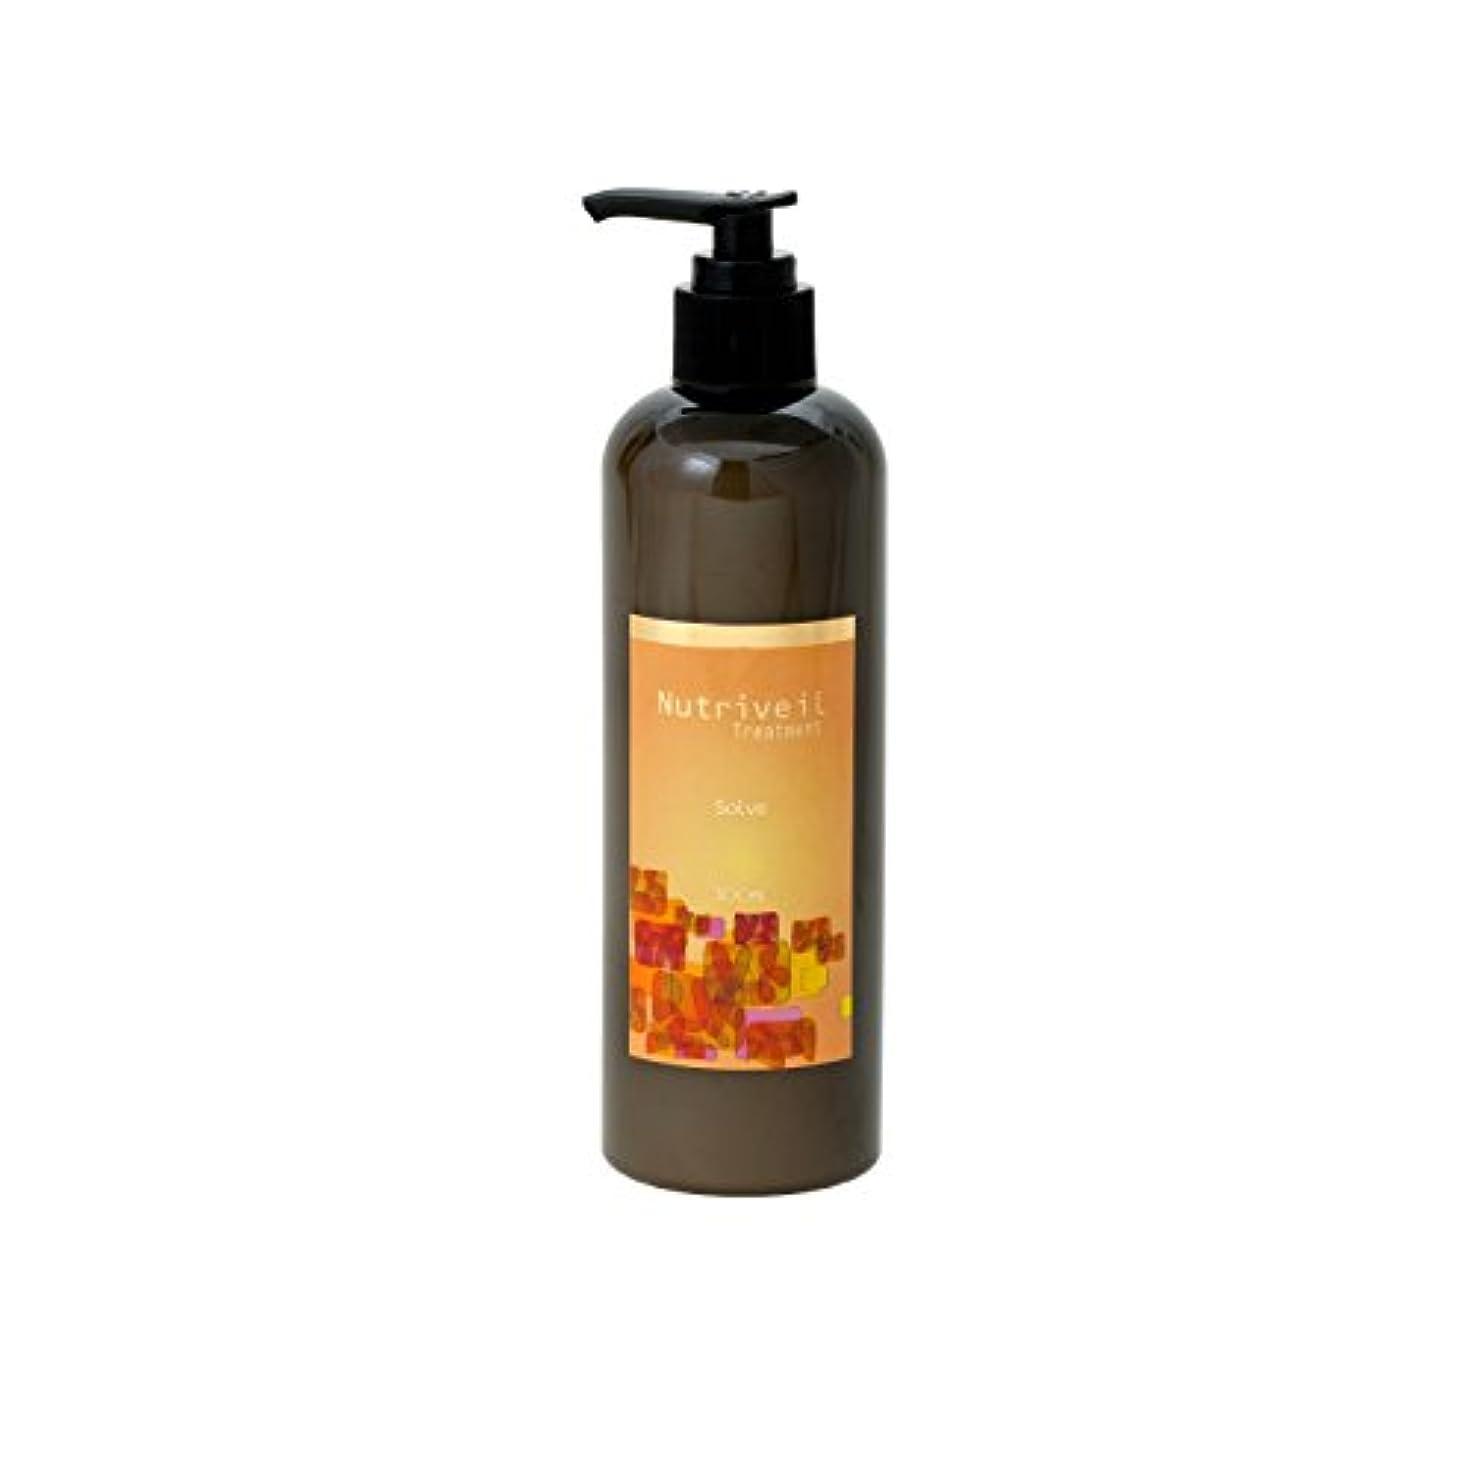 ヘッジロードブロッキングメニュー縮毛矯正した髪?カラーの繰り返しで大きくダメージした髪用トリートメント「栄養そのもので洗うsolve」ソルブトリートメント ニュートリヴェール (300ml)